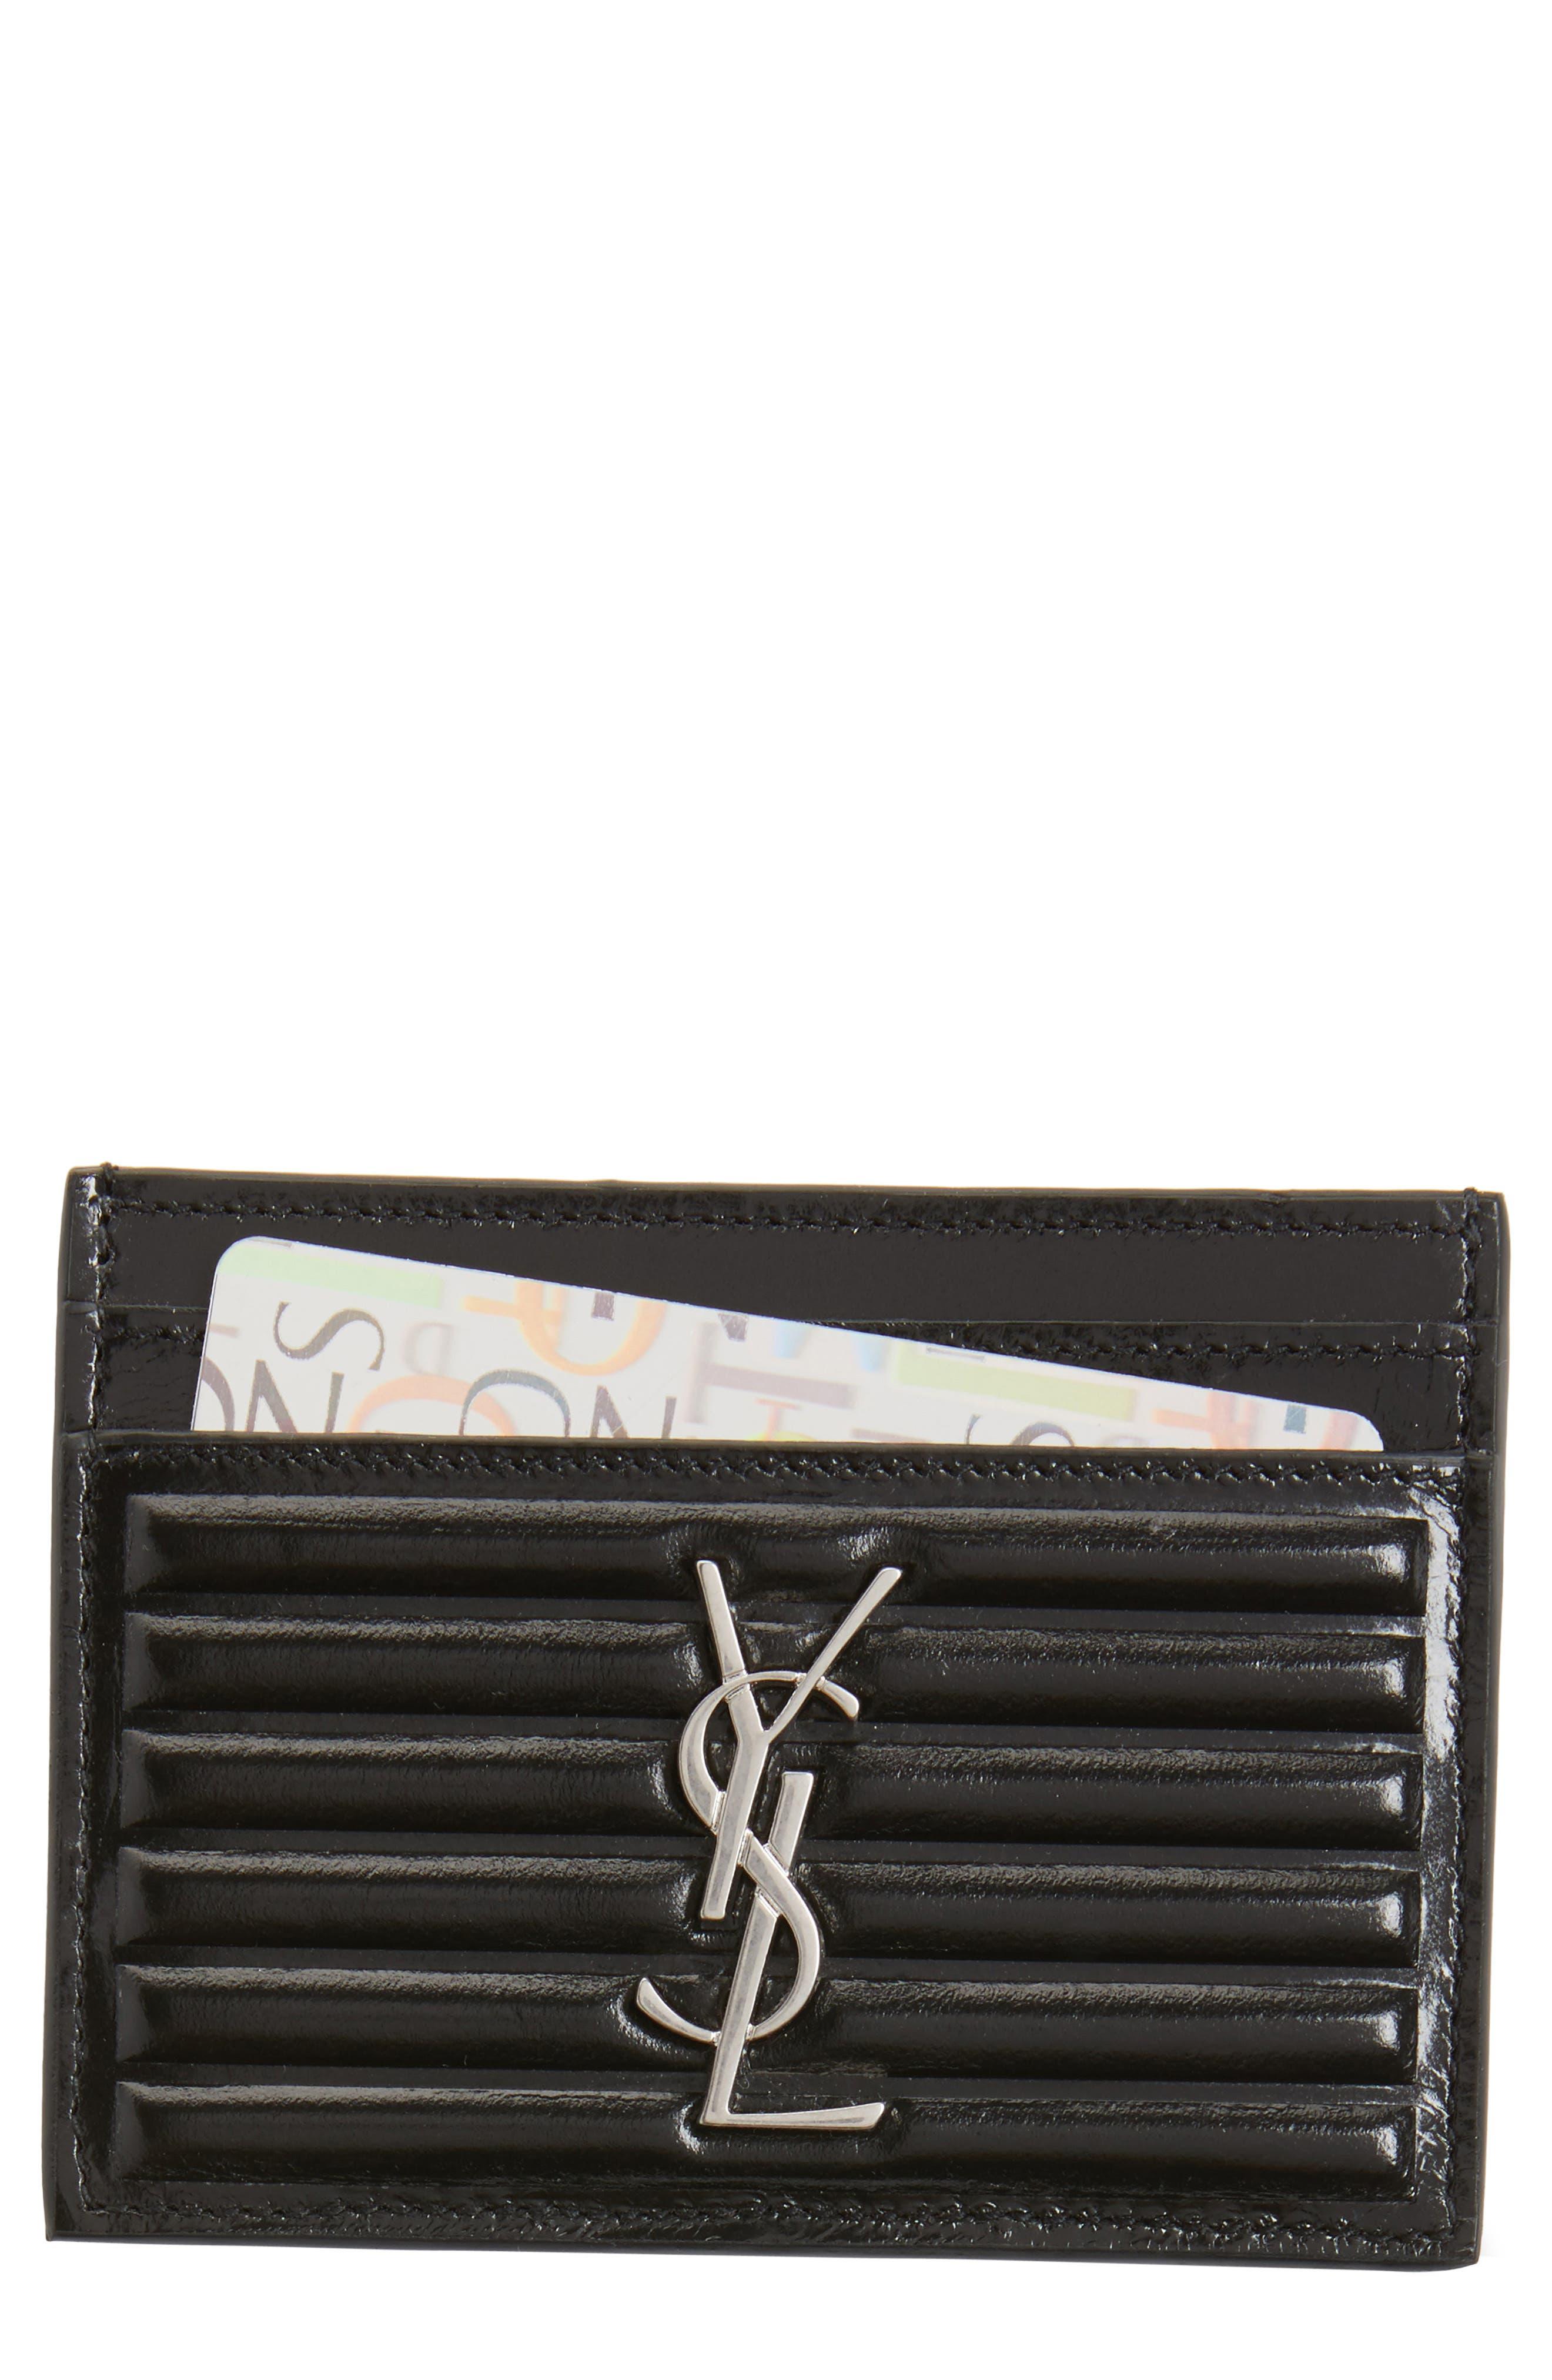 SAINT LAURENT Opium Textured Leather Card Case